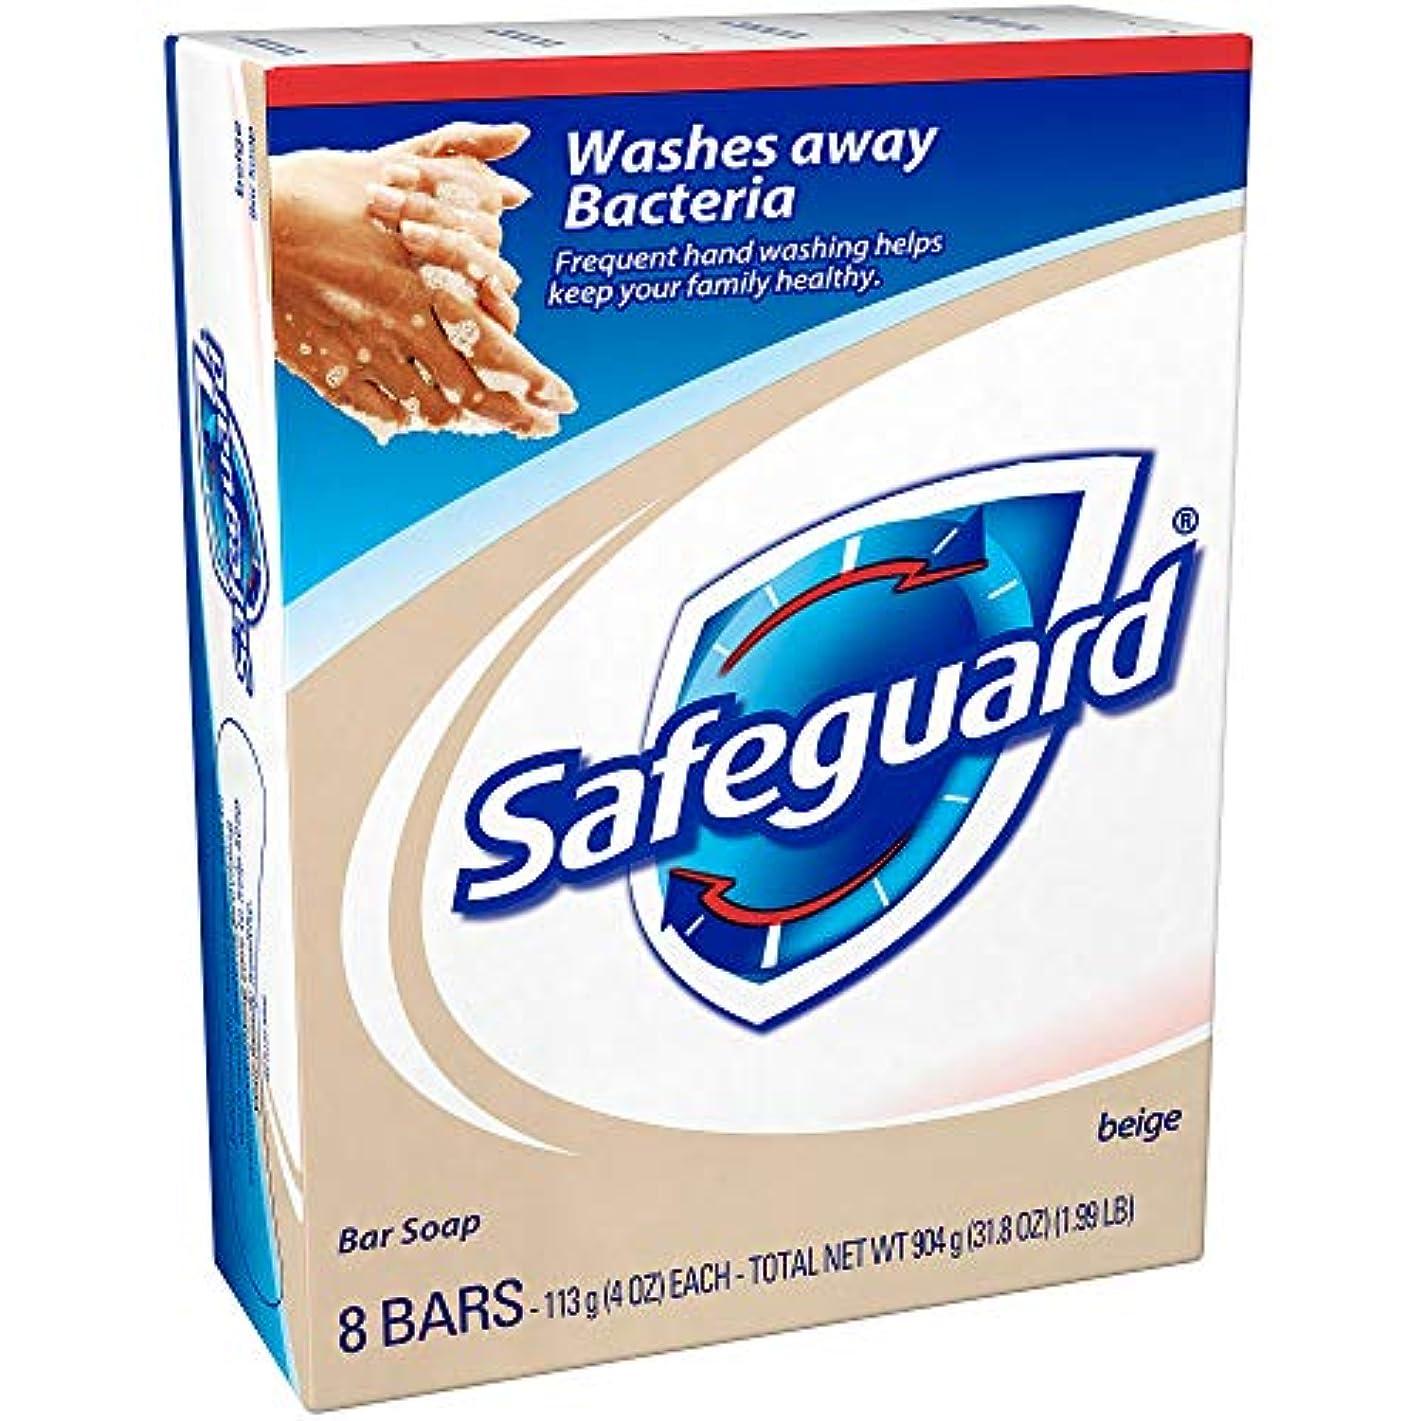 却下するハミングバード約設定Safeguard 抗菌消臭石鹸、4つのオズバー、8 Eaは(4パック)